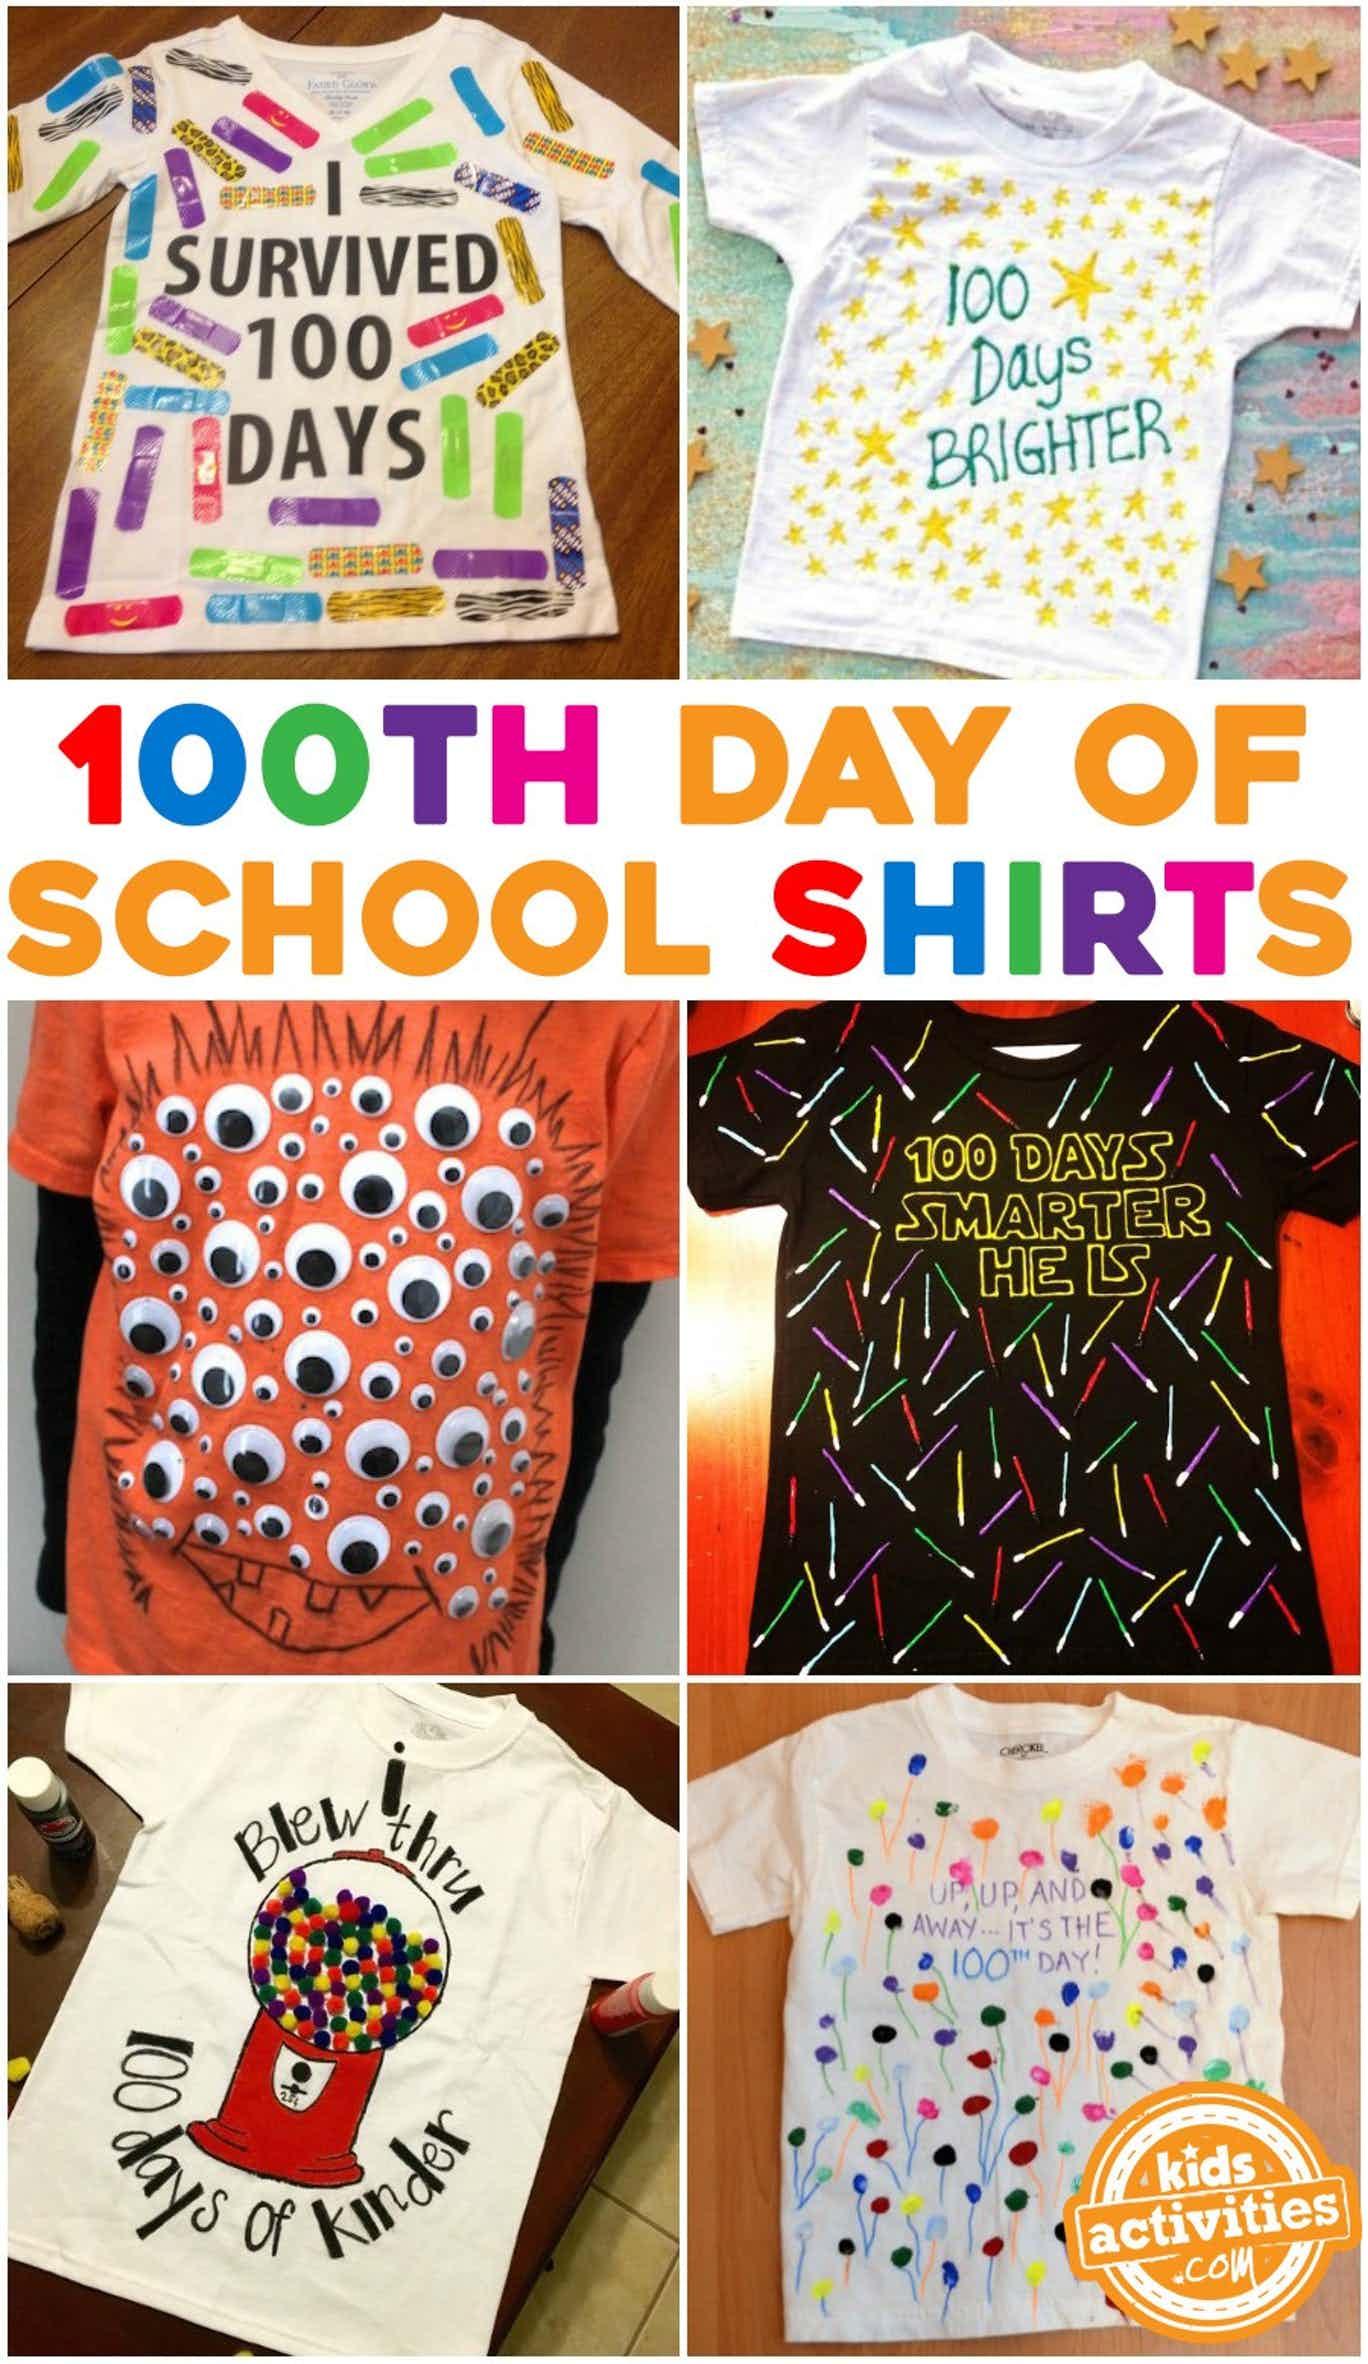 100th day of school shirt ideas